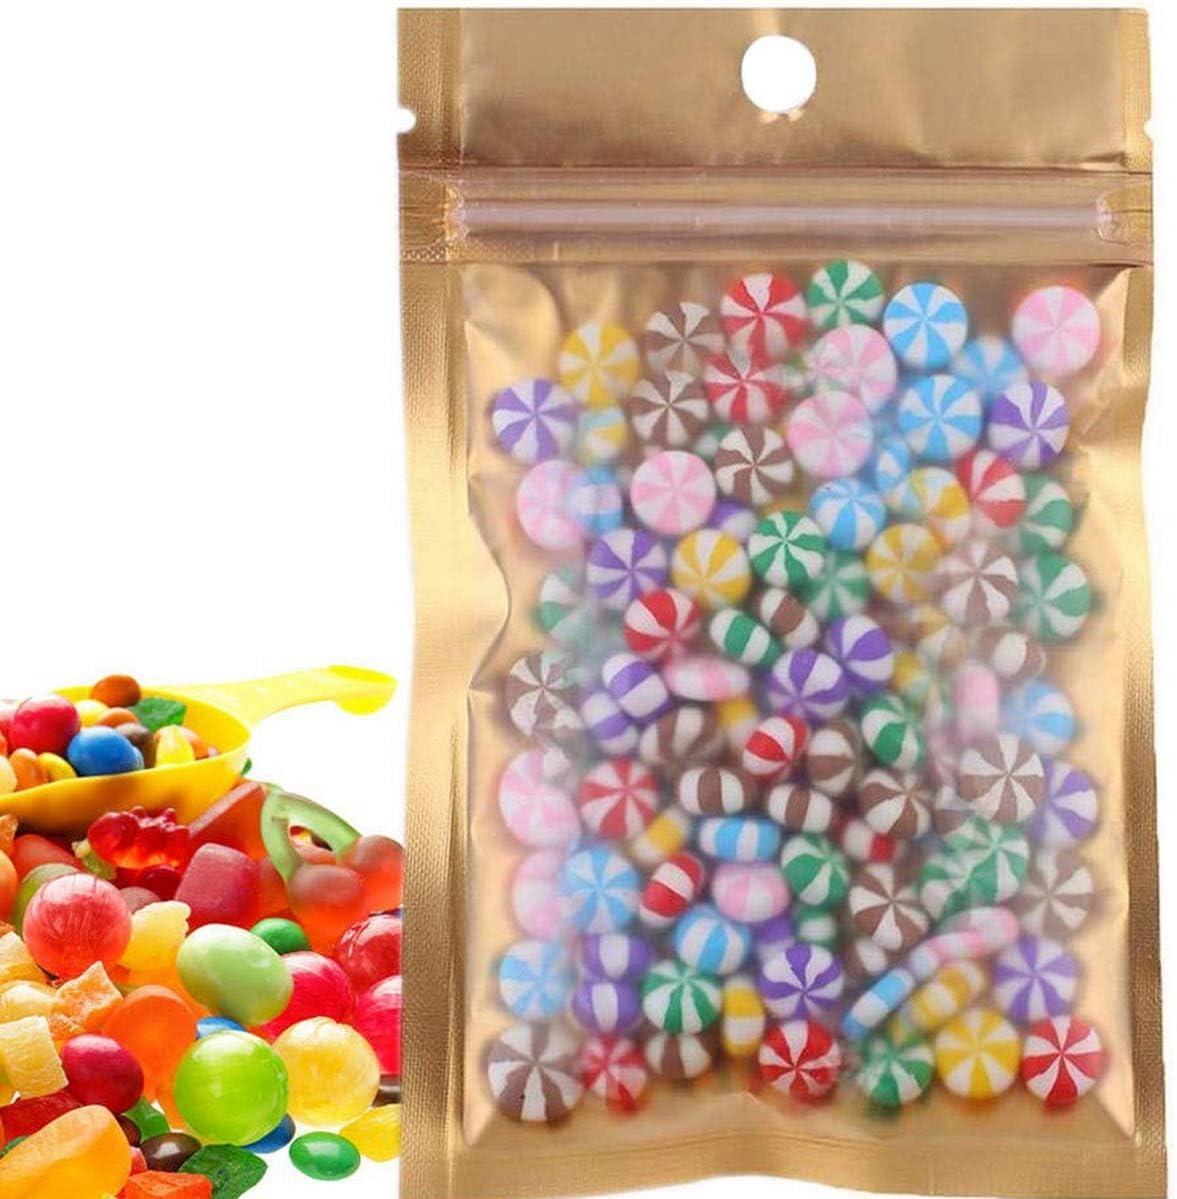 50 Pcs Clear Golden Zip Lock Mylar Bags Aluminum Foil Resealable Plastic Valve Zipper Pouches Bulk Food Storage Foil Lined Grip Seal Wrap (20cm x 12cm)